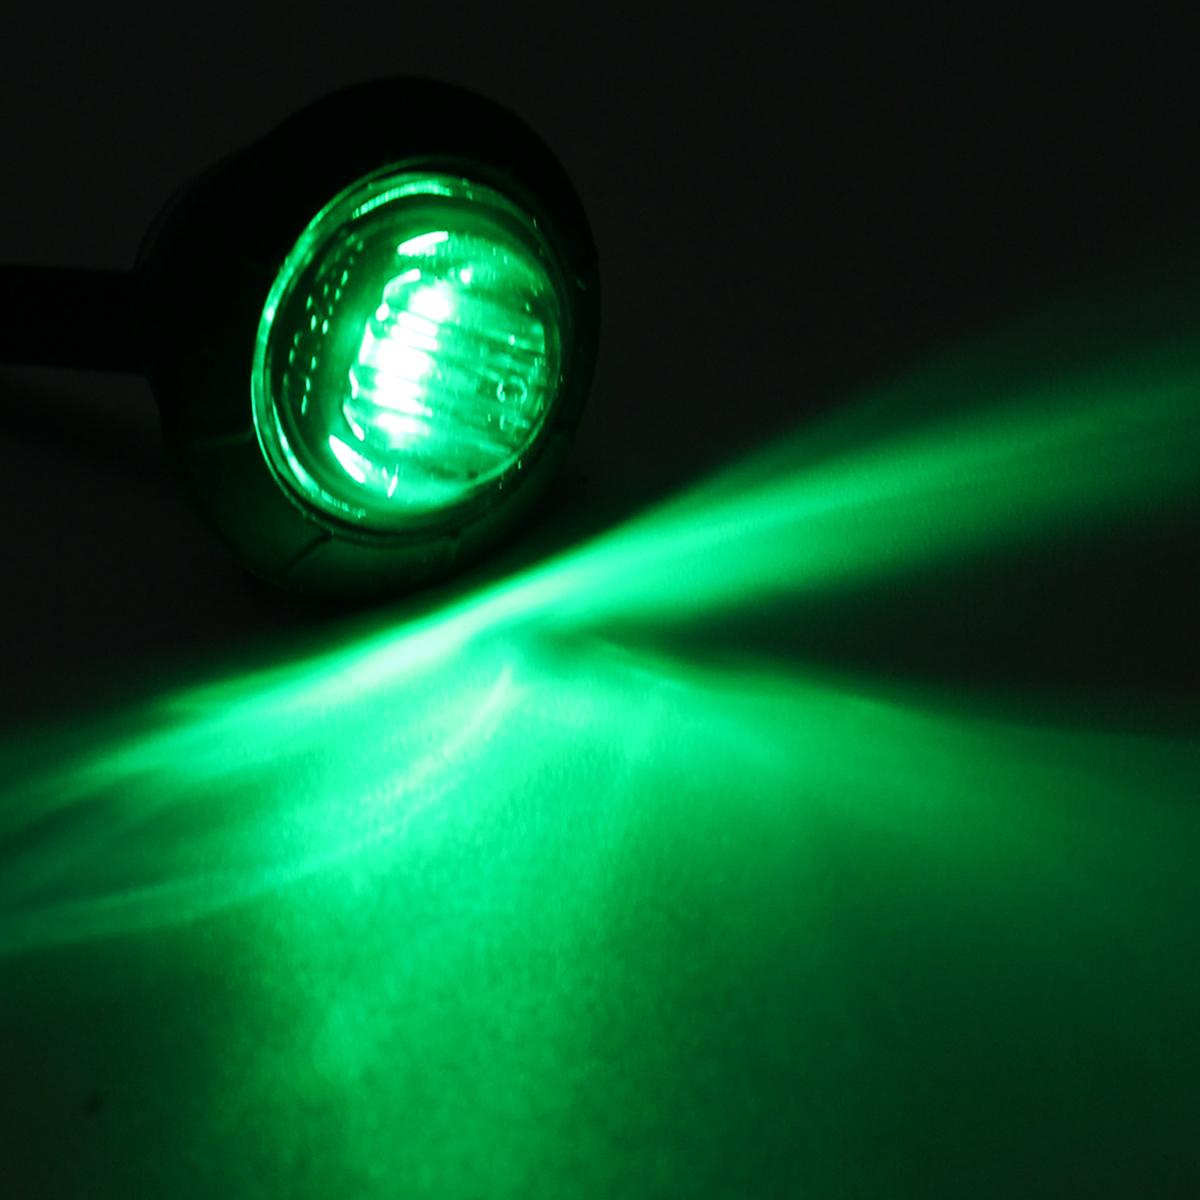 12V-24V LED Clearance Side Marker Indicators Lights Lamp Lorry Truck Boat Trailer Bus